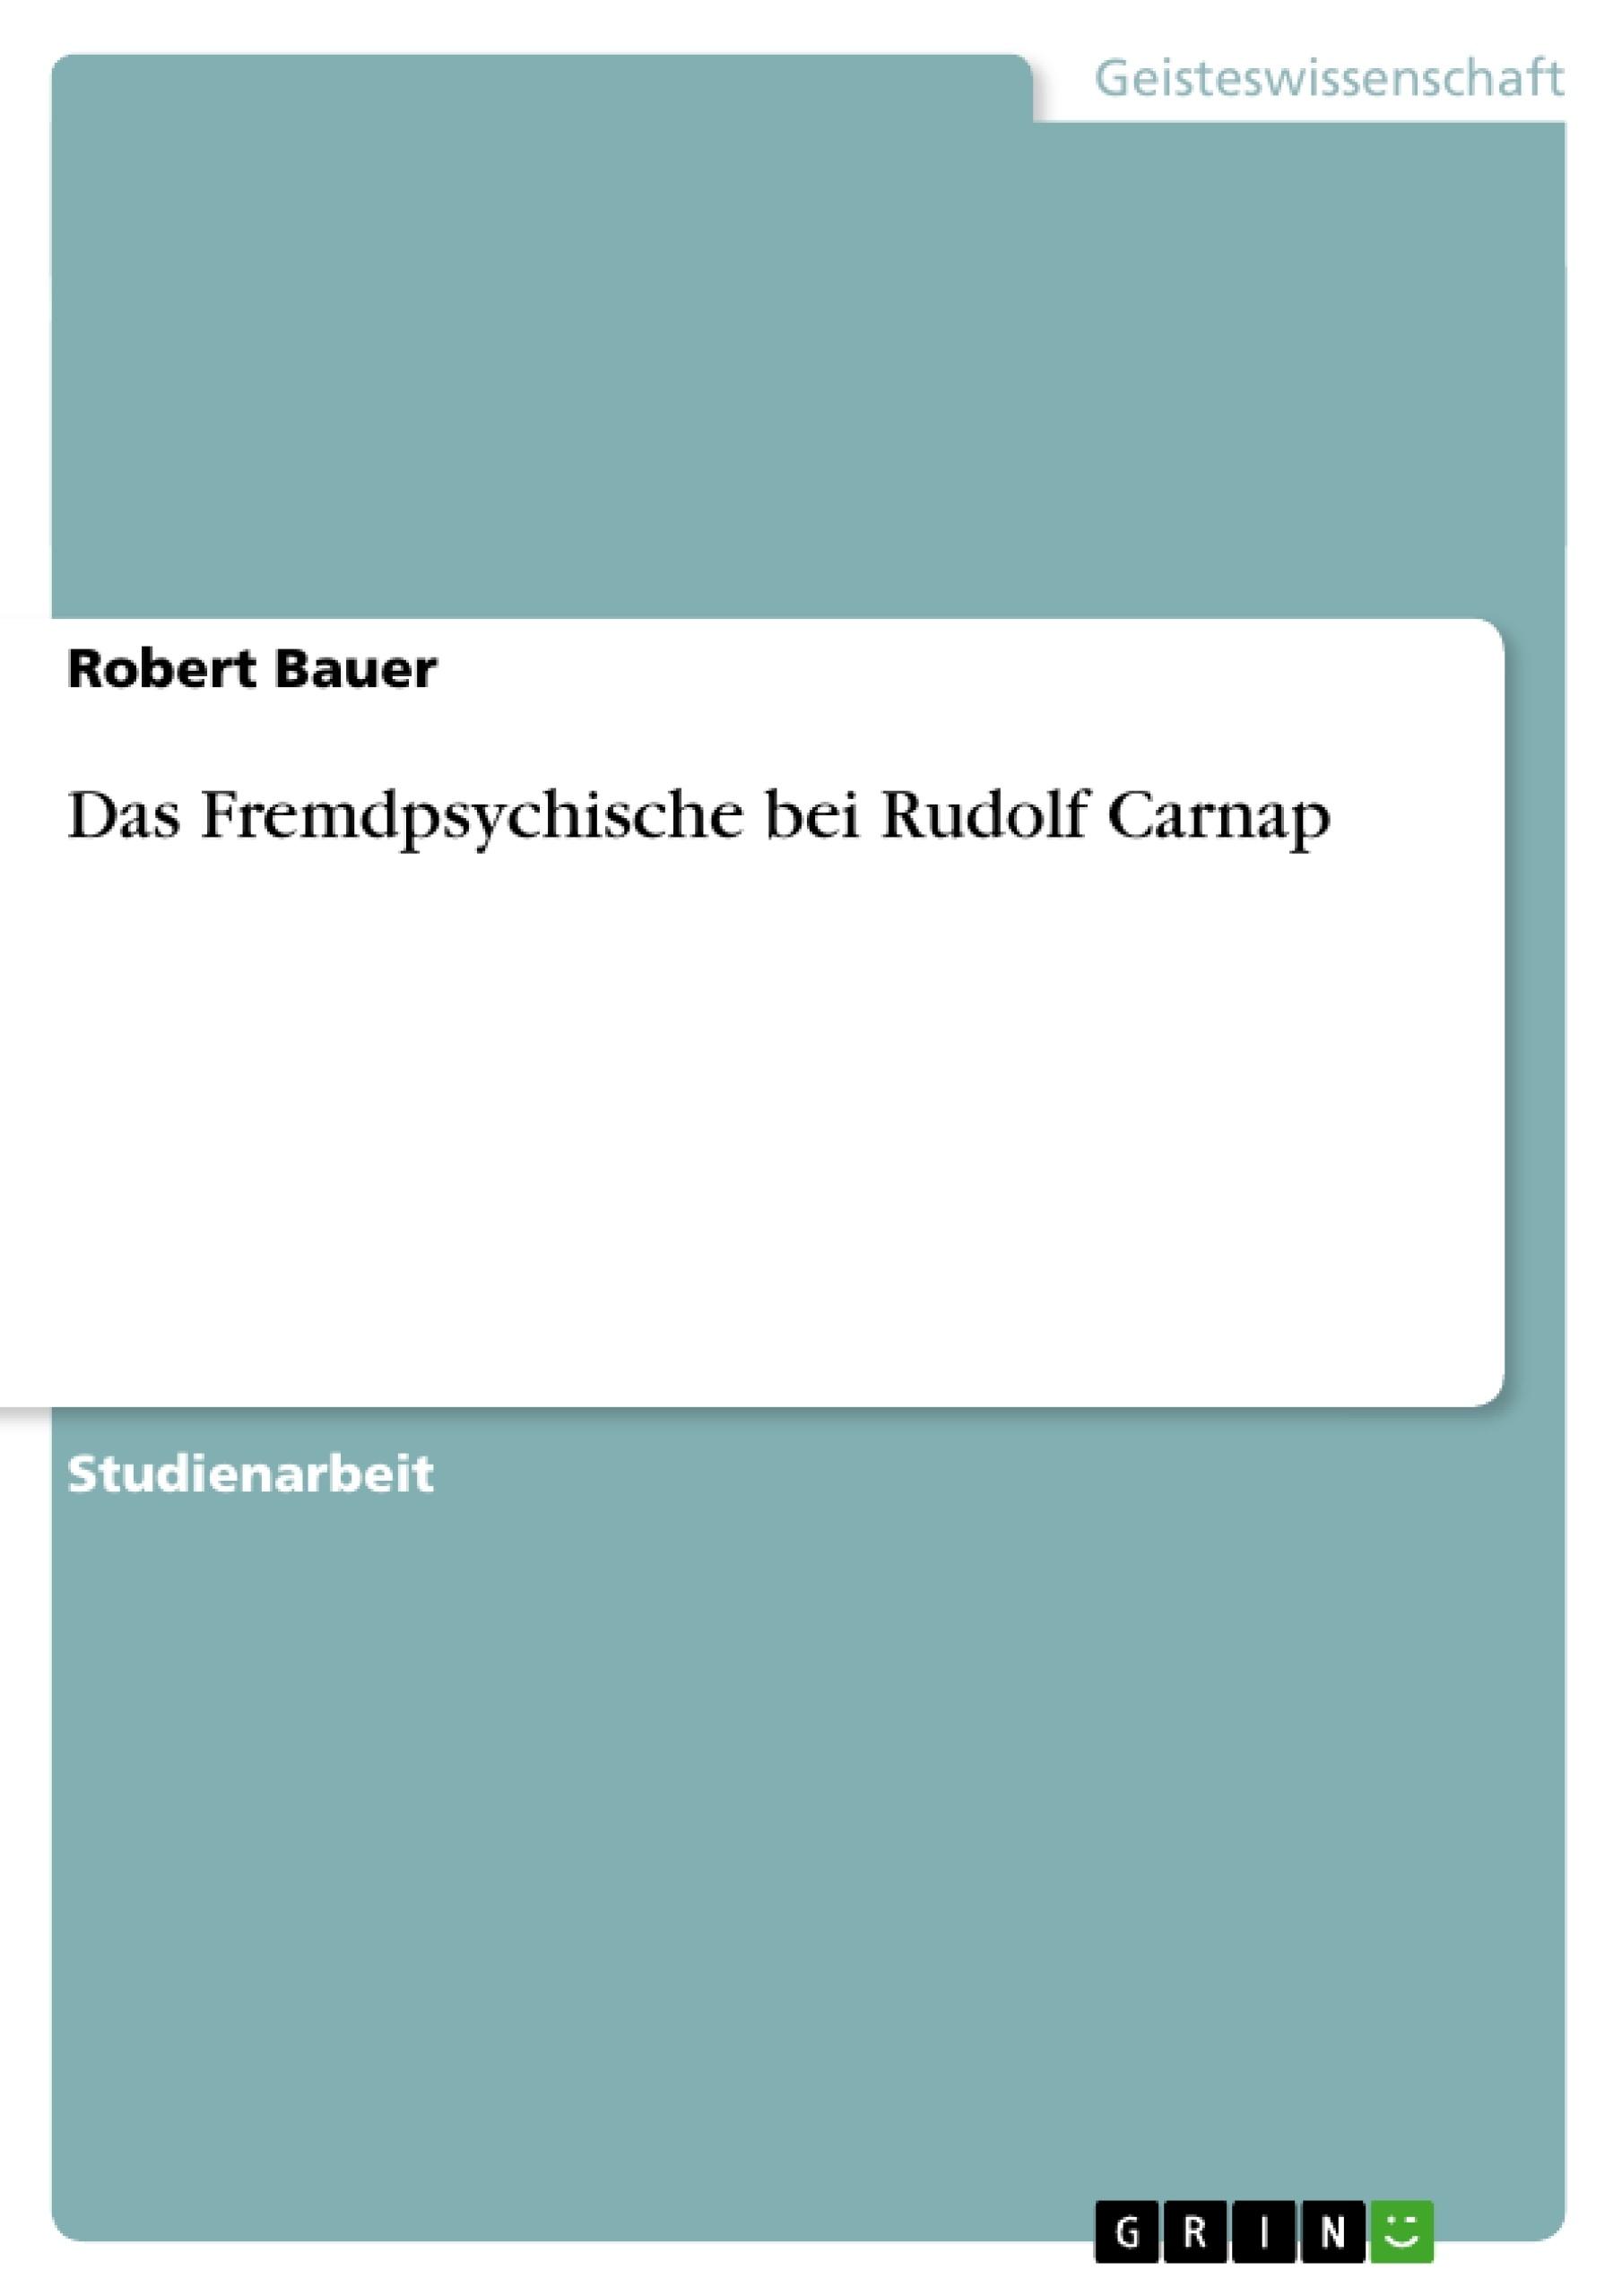 Titel: Das Fremdpsychische bei Rudolf Carnap